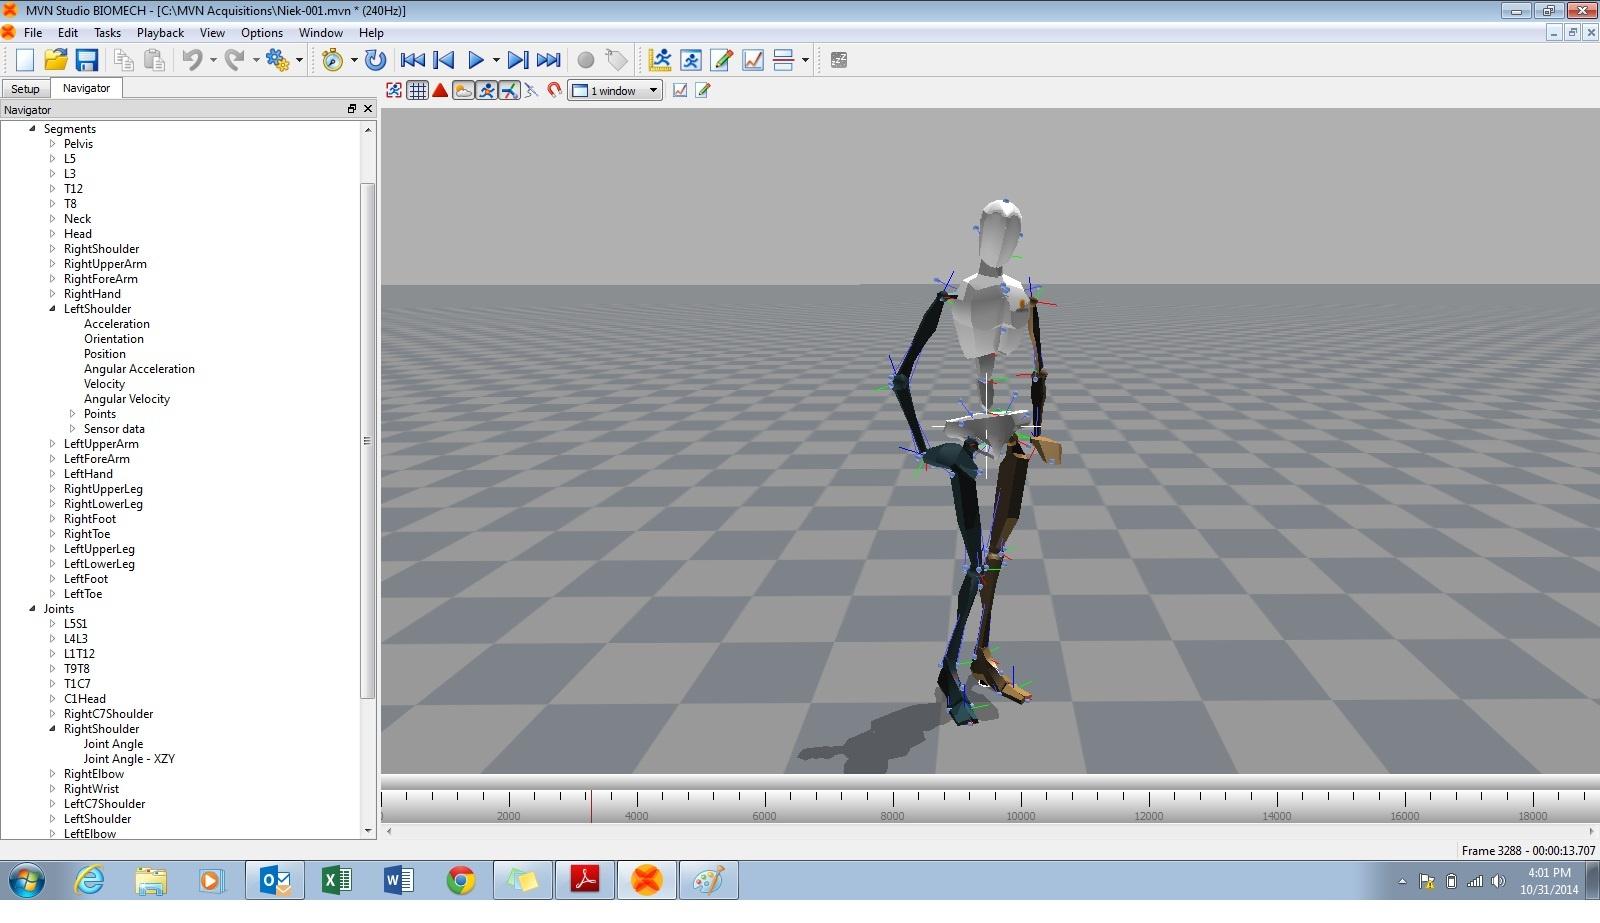 MVN Studio BIOMECH - 2.jpg